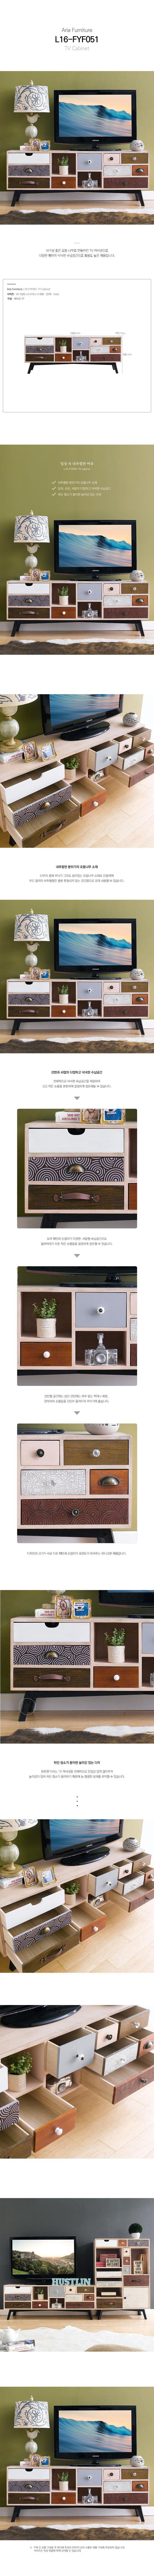 5_1_L16-FYF051_Cabinet.jpg